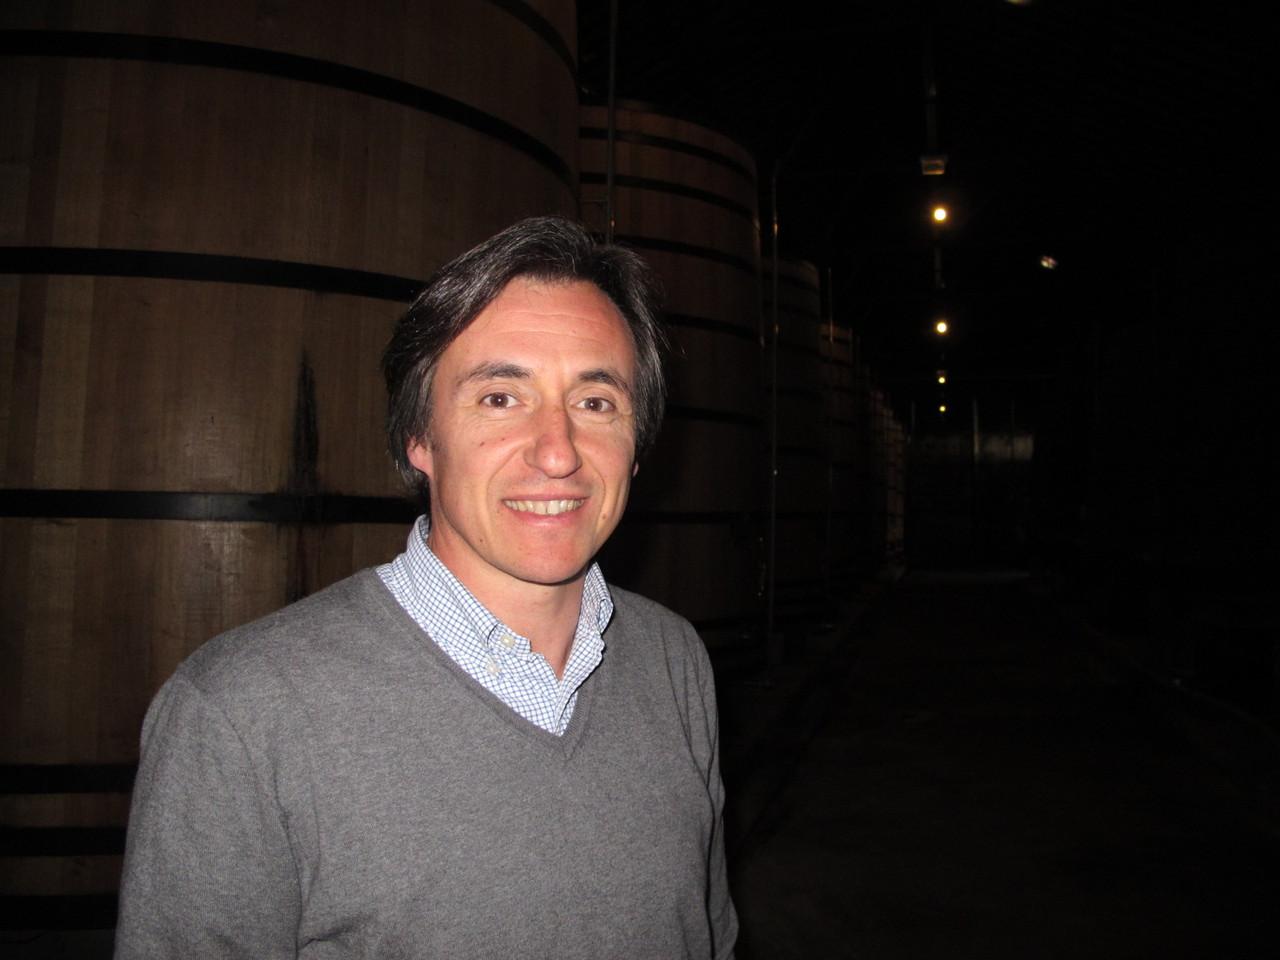 Jorge Moreira